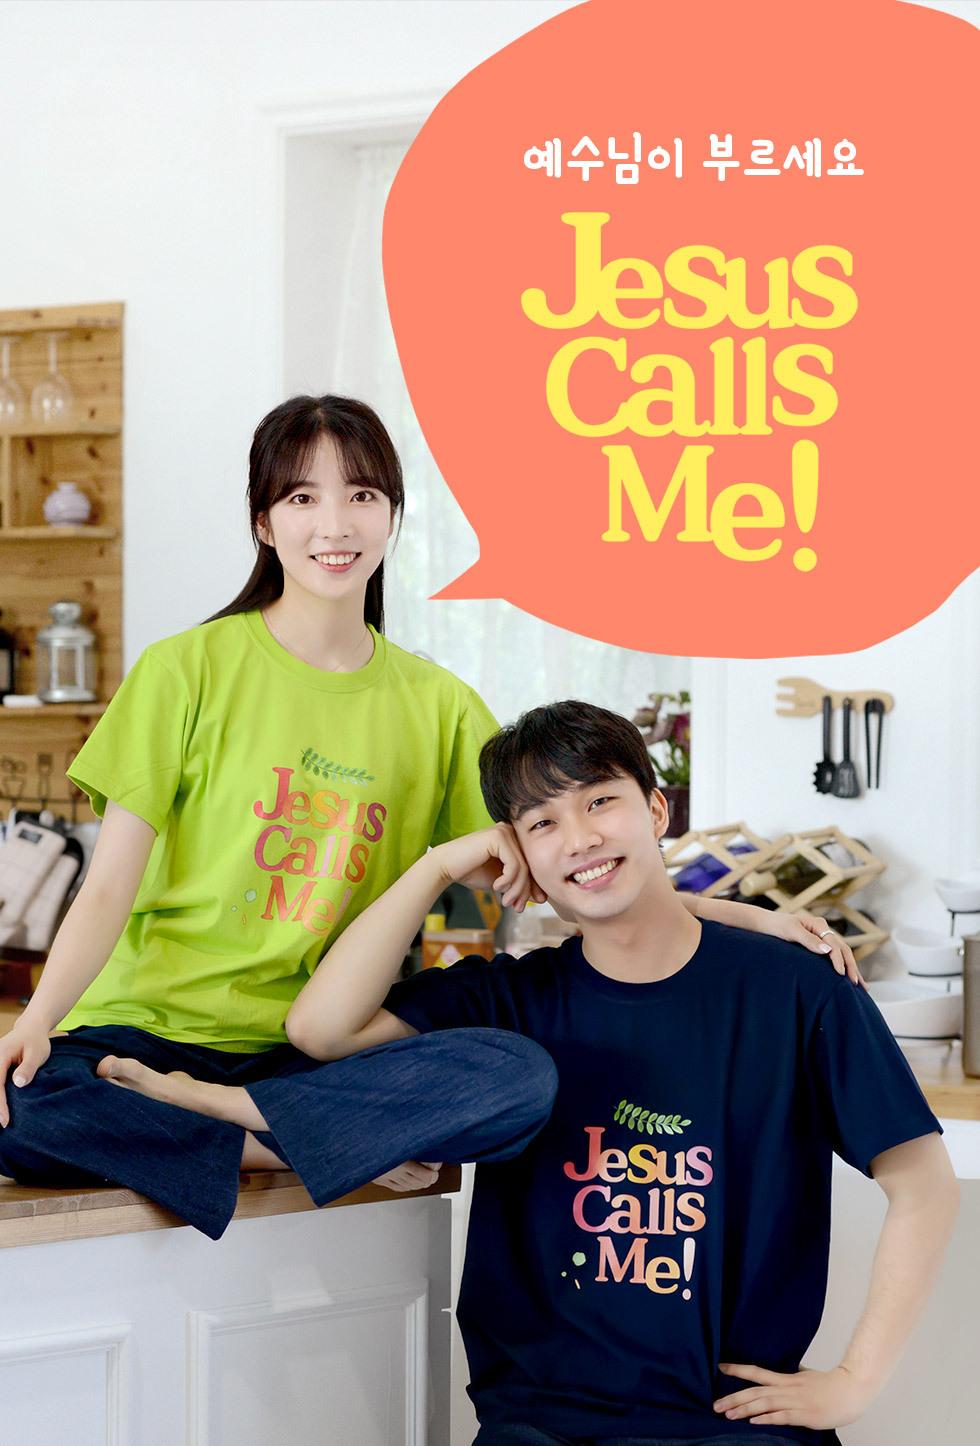 예수님이 부르세요, Jesus calls me - 성인티셔츠(콜미) 타이틀이미지